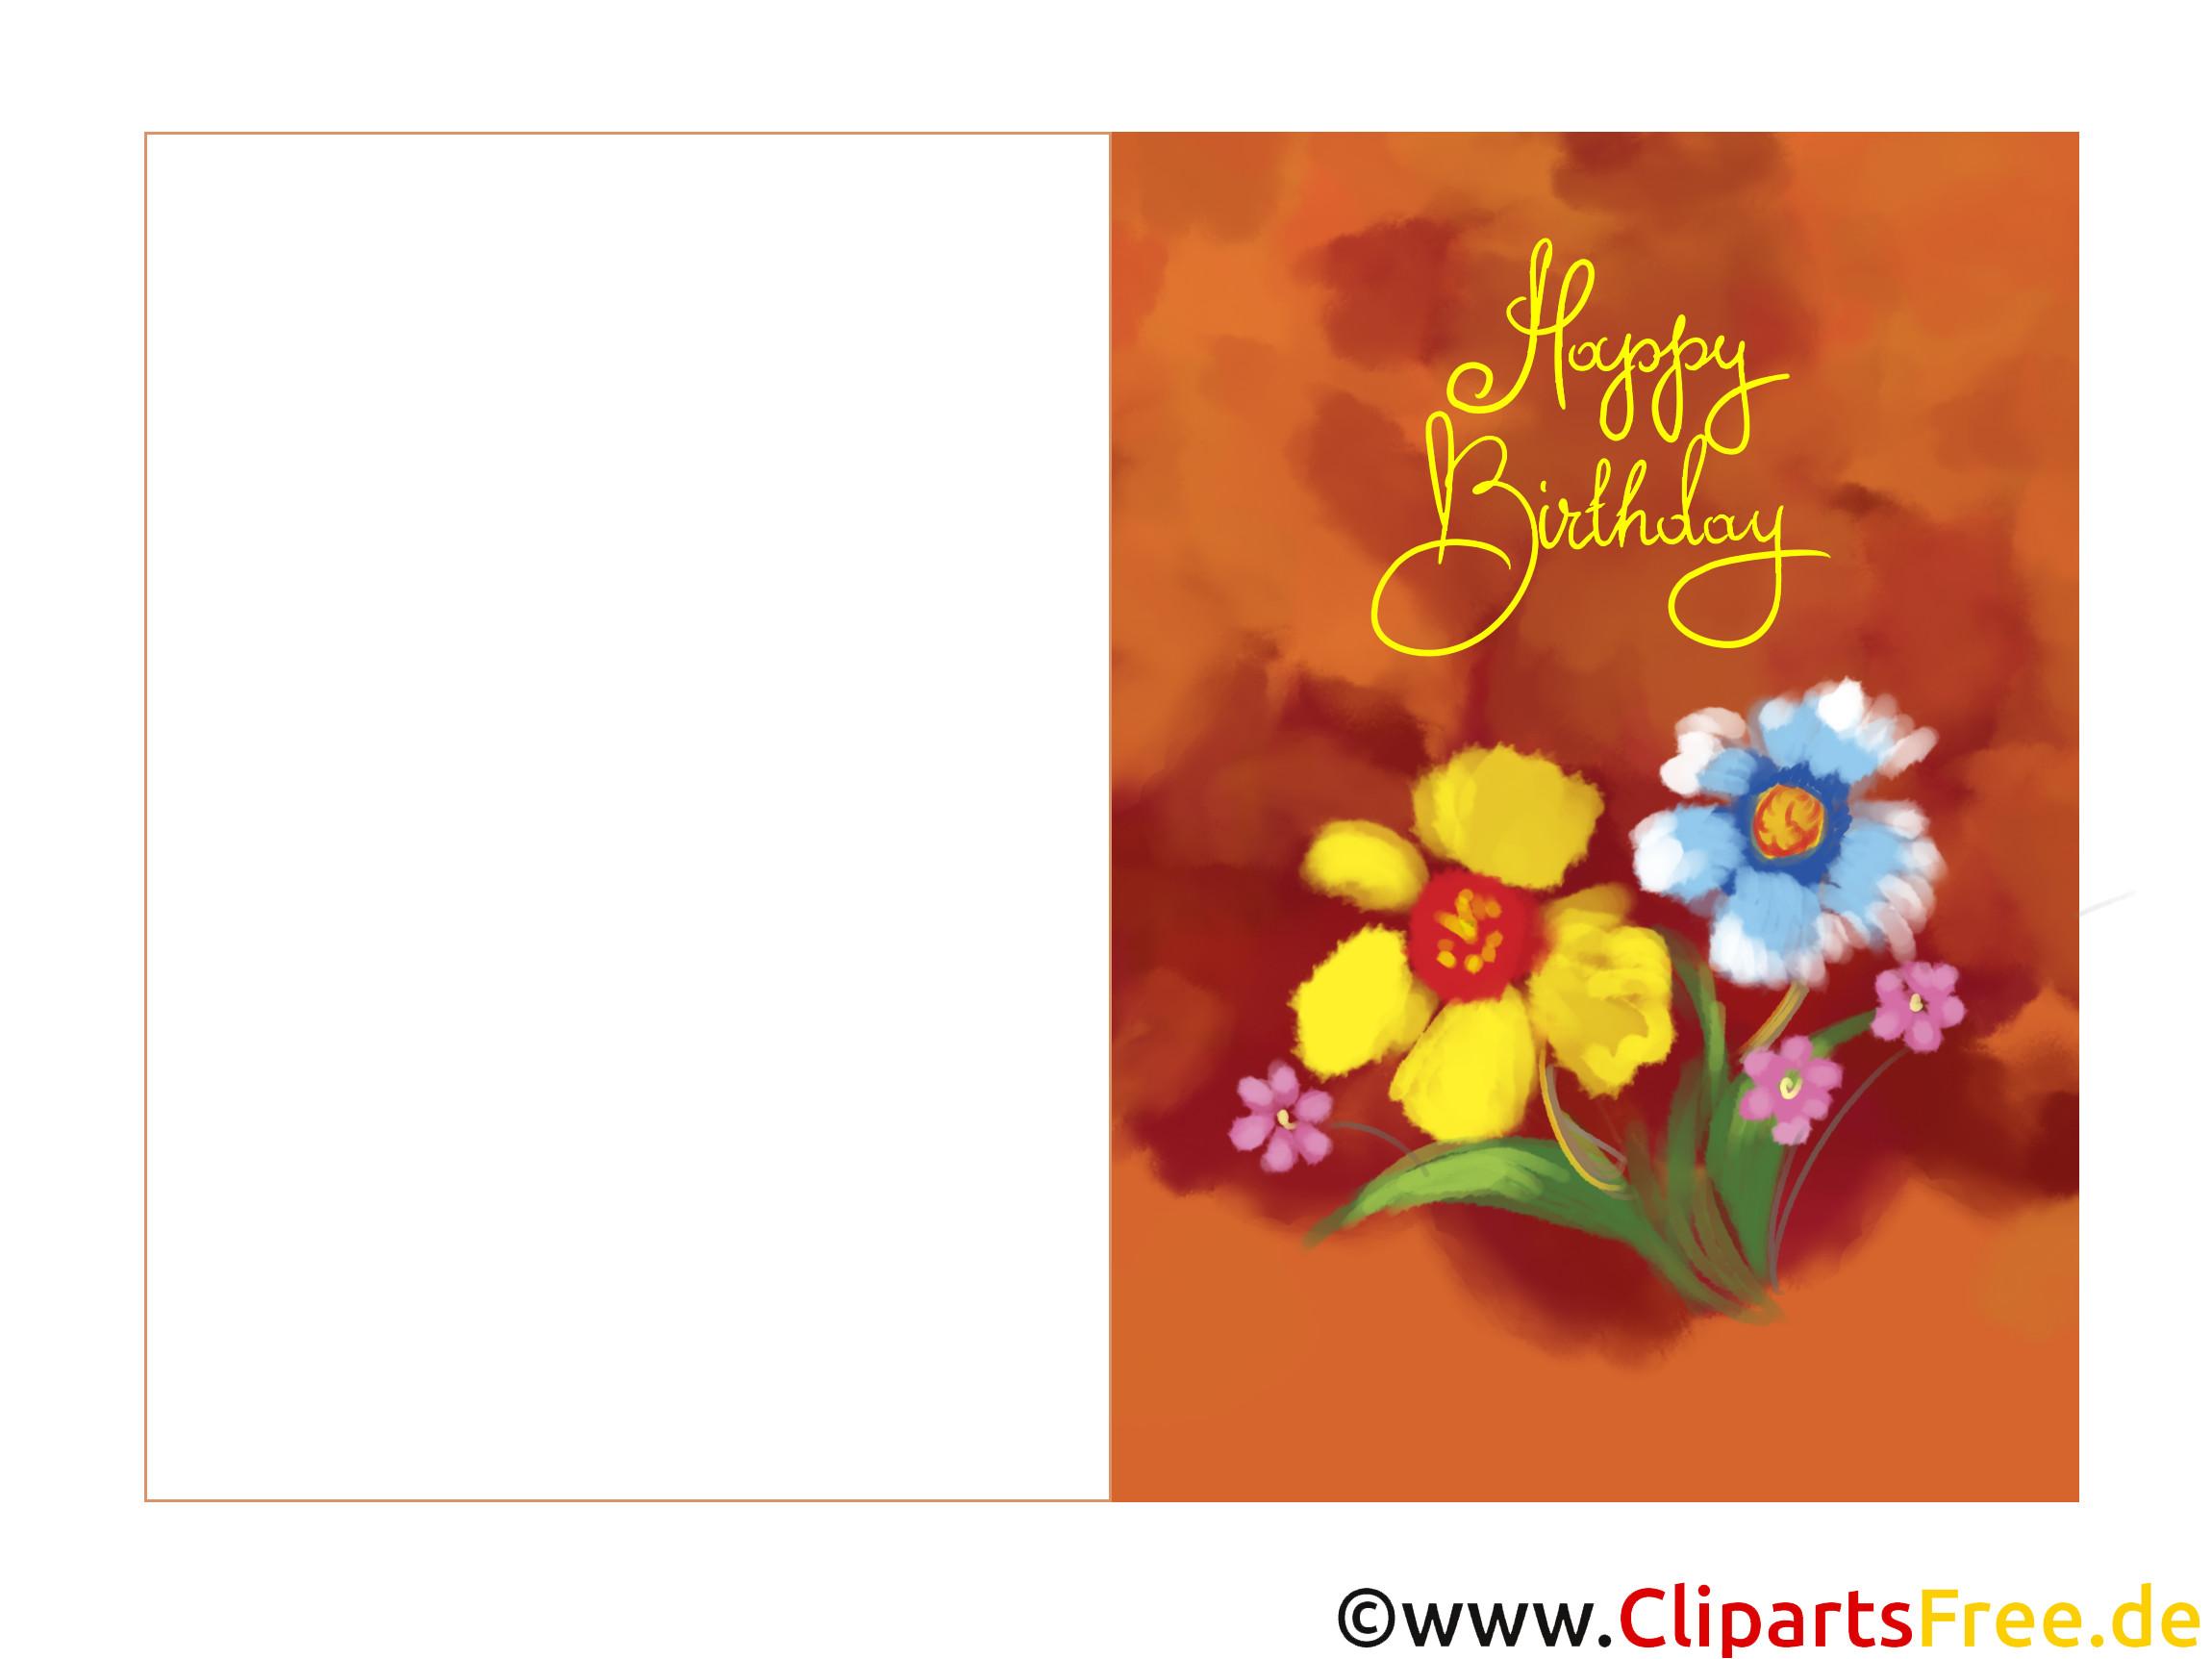 Geburtstagskarten Zum Drucken  Elektronische Geburtstagskarte kostenlos zum Runterladen